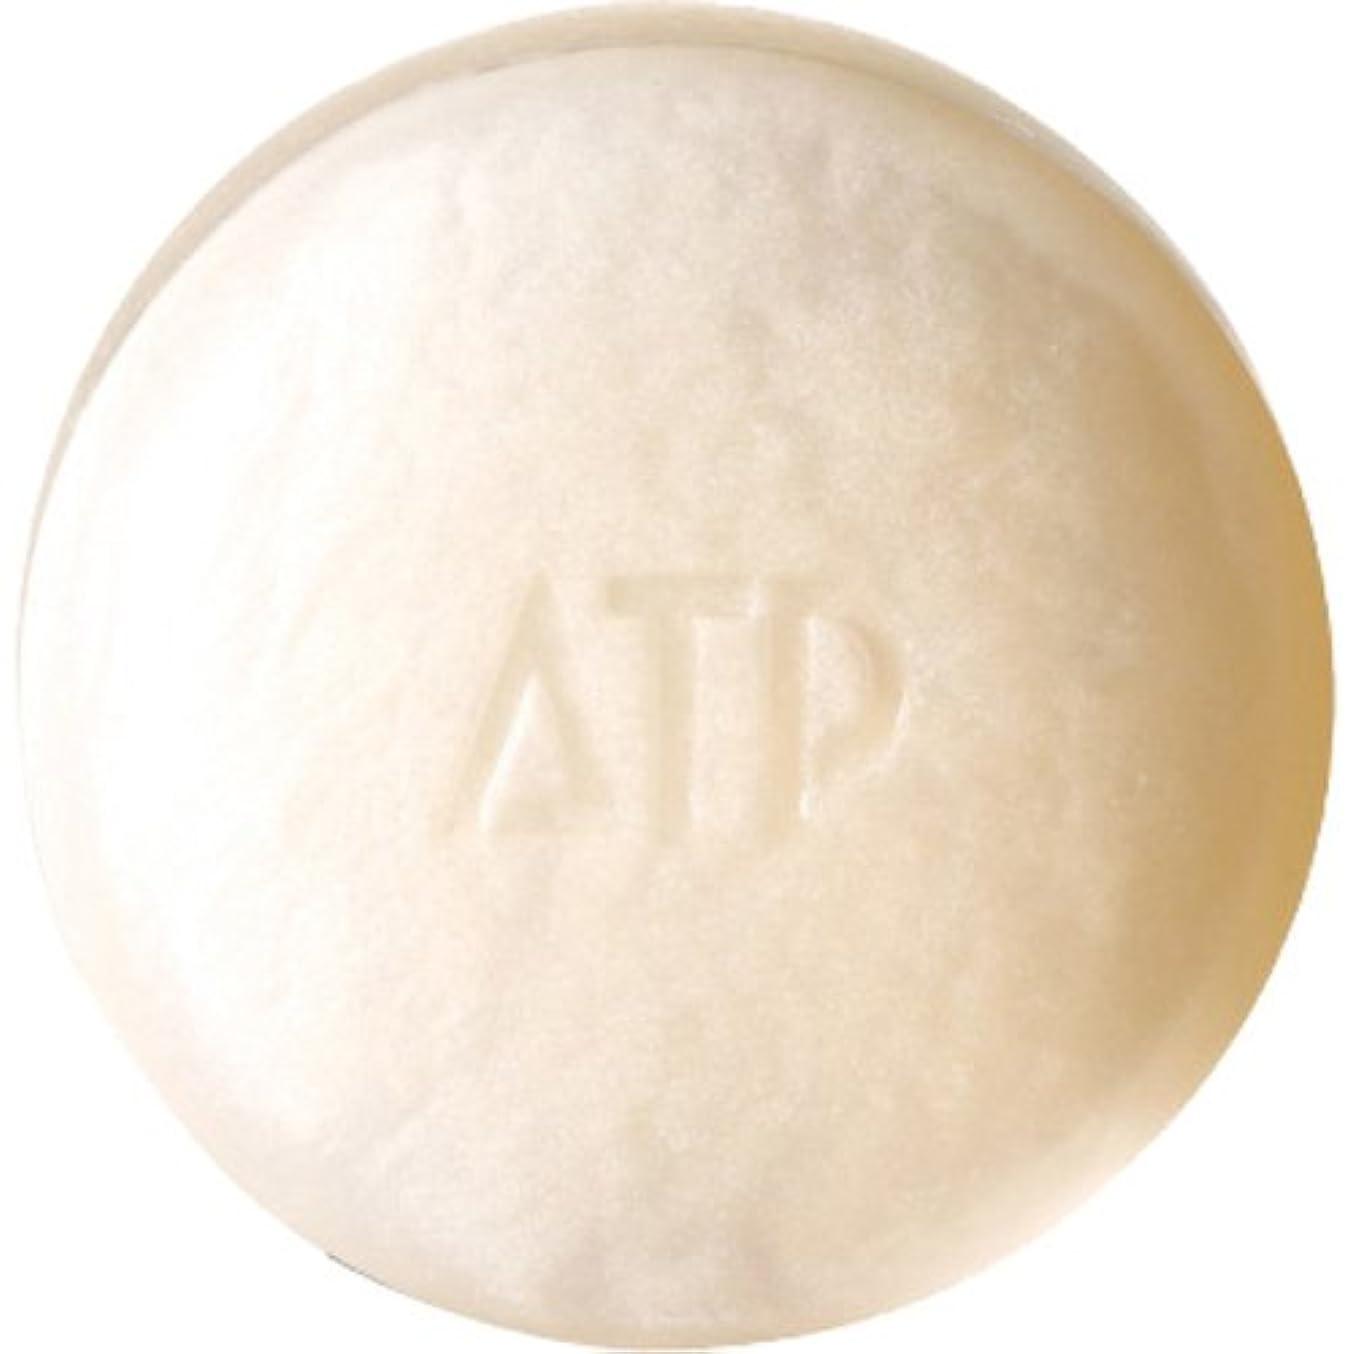 欲求不満アトラス起きている薬用ATP デリケアソープ 100g ケースなし (全身用洗浄石けん?枠練り) [医薬部外品]